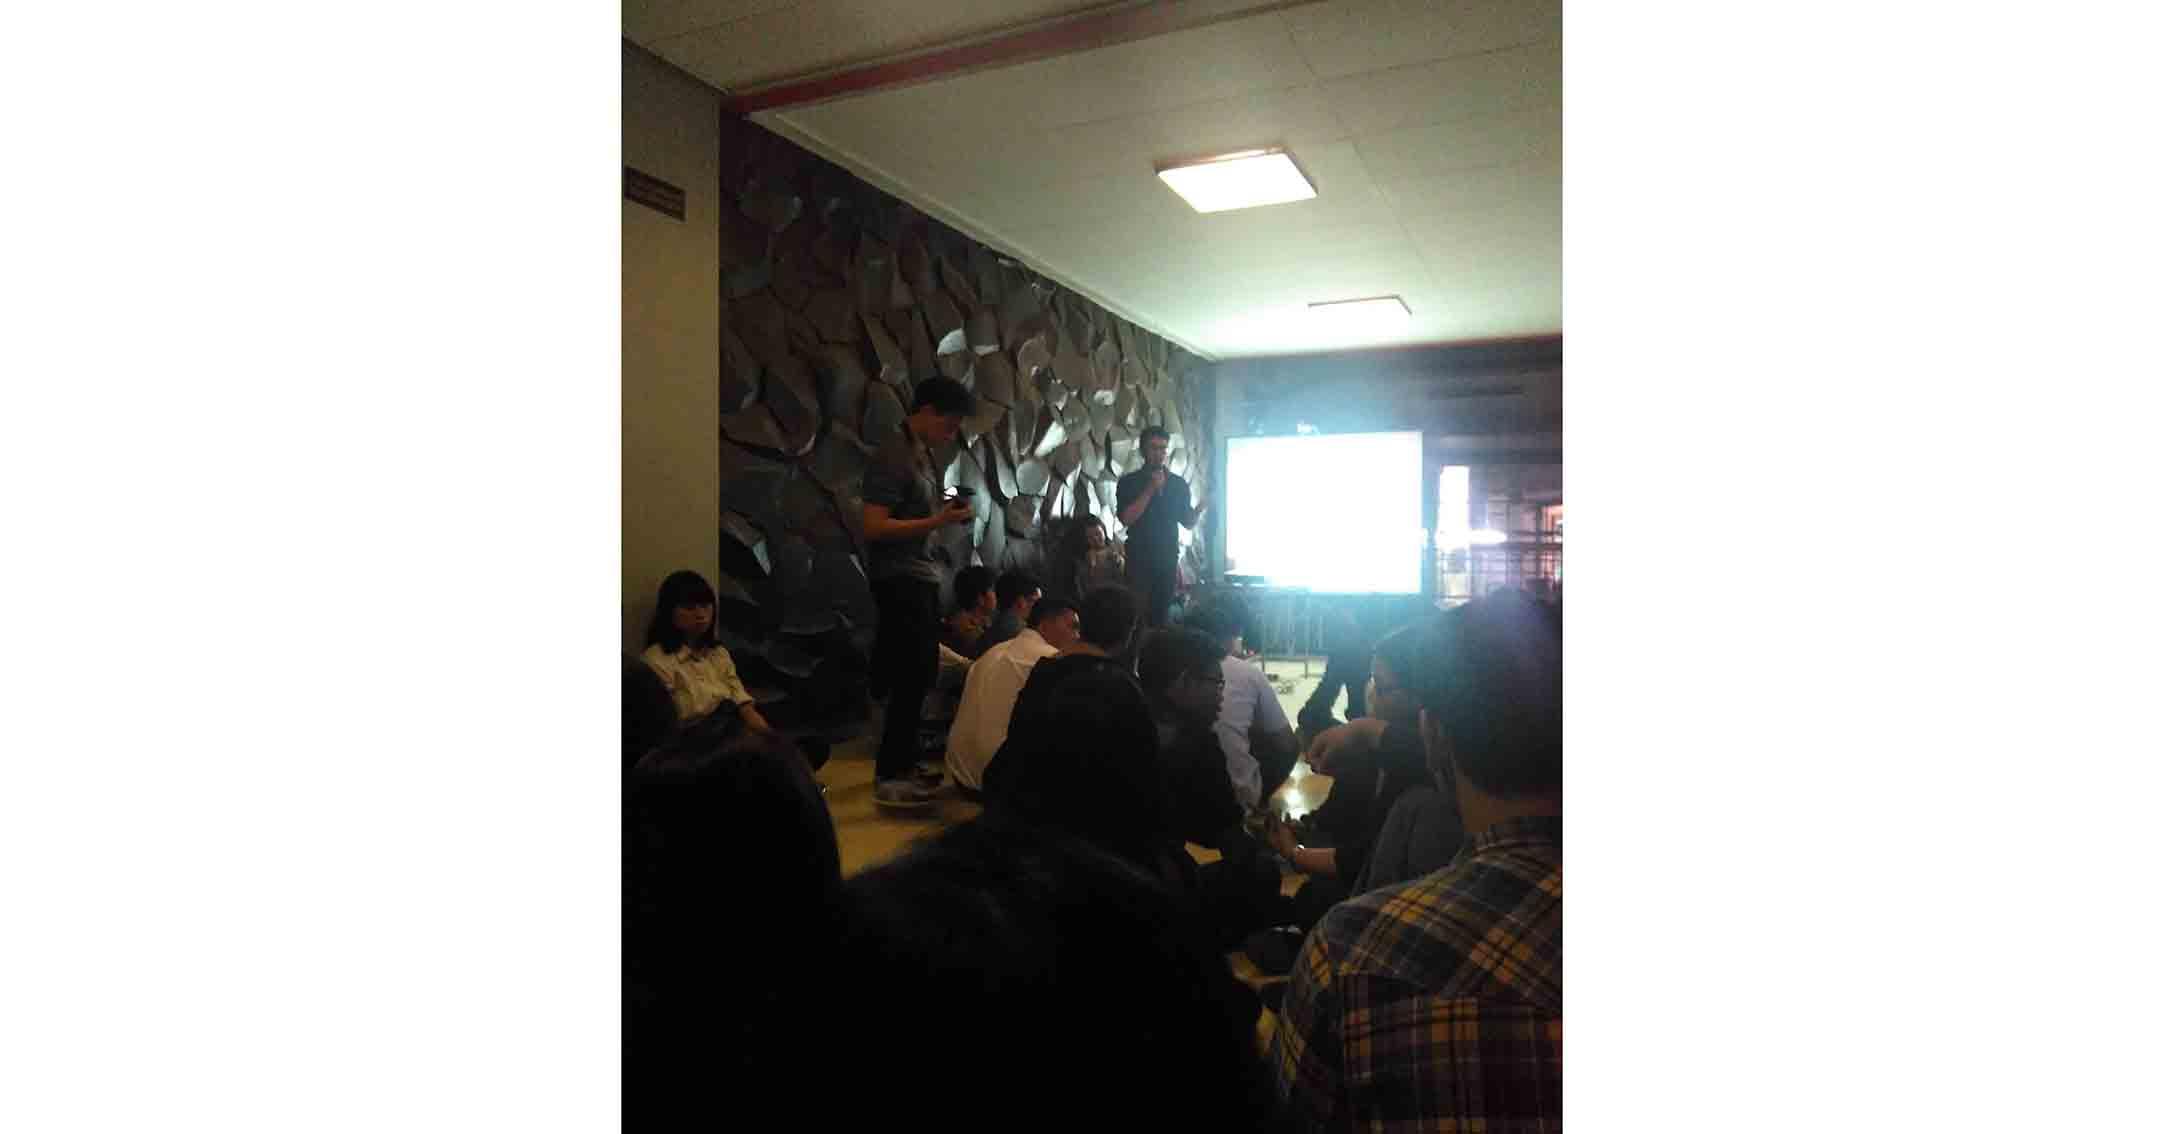 Suasana Forkom yang diadakan oleh KPUPM di Selasar Hukum, Jumat (12/3) lalu. dok/Yugo Anugrah